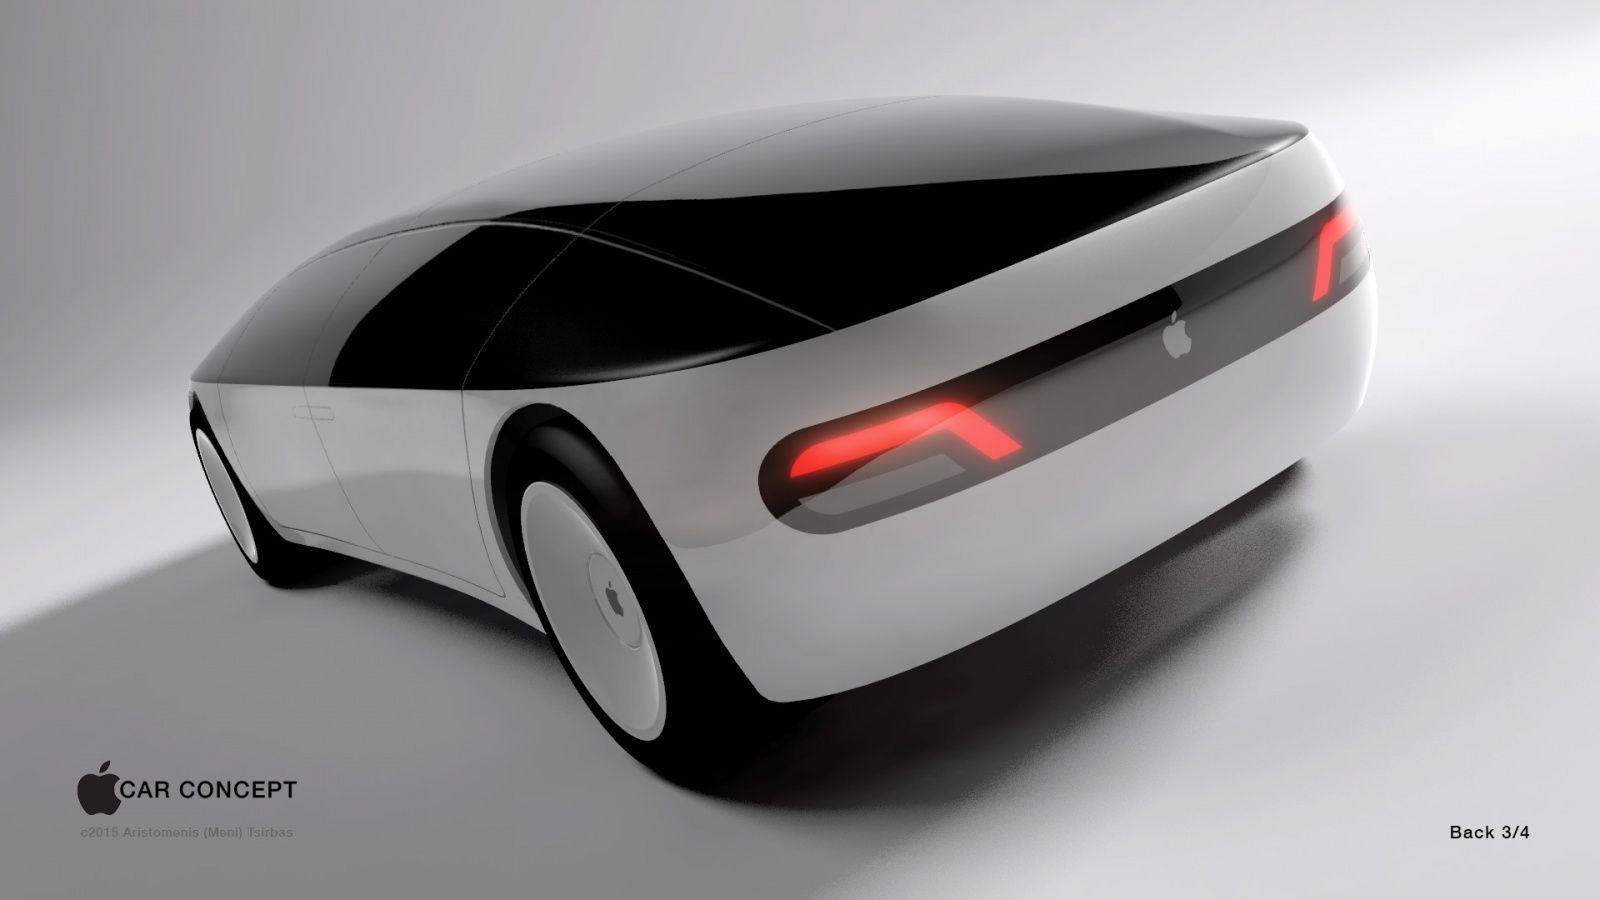 Tim Cook conferma: Apple sta lavorando a un sistema di guida autonoma -